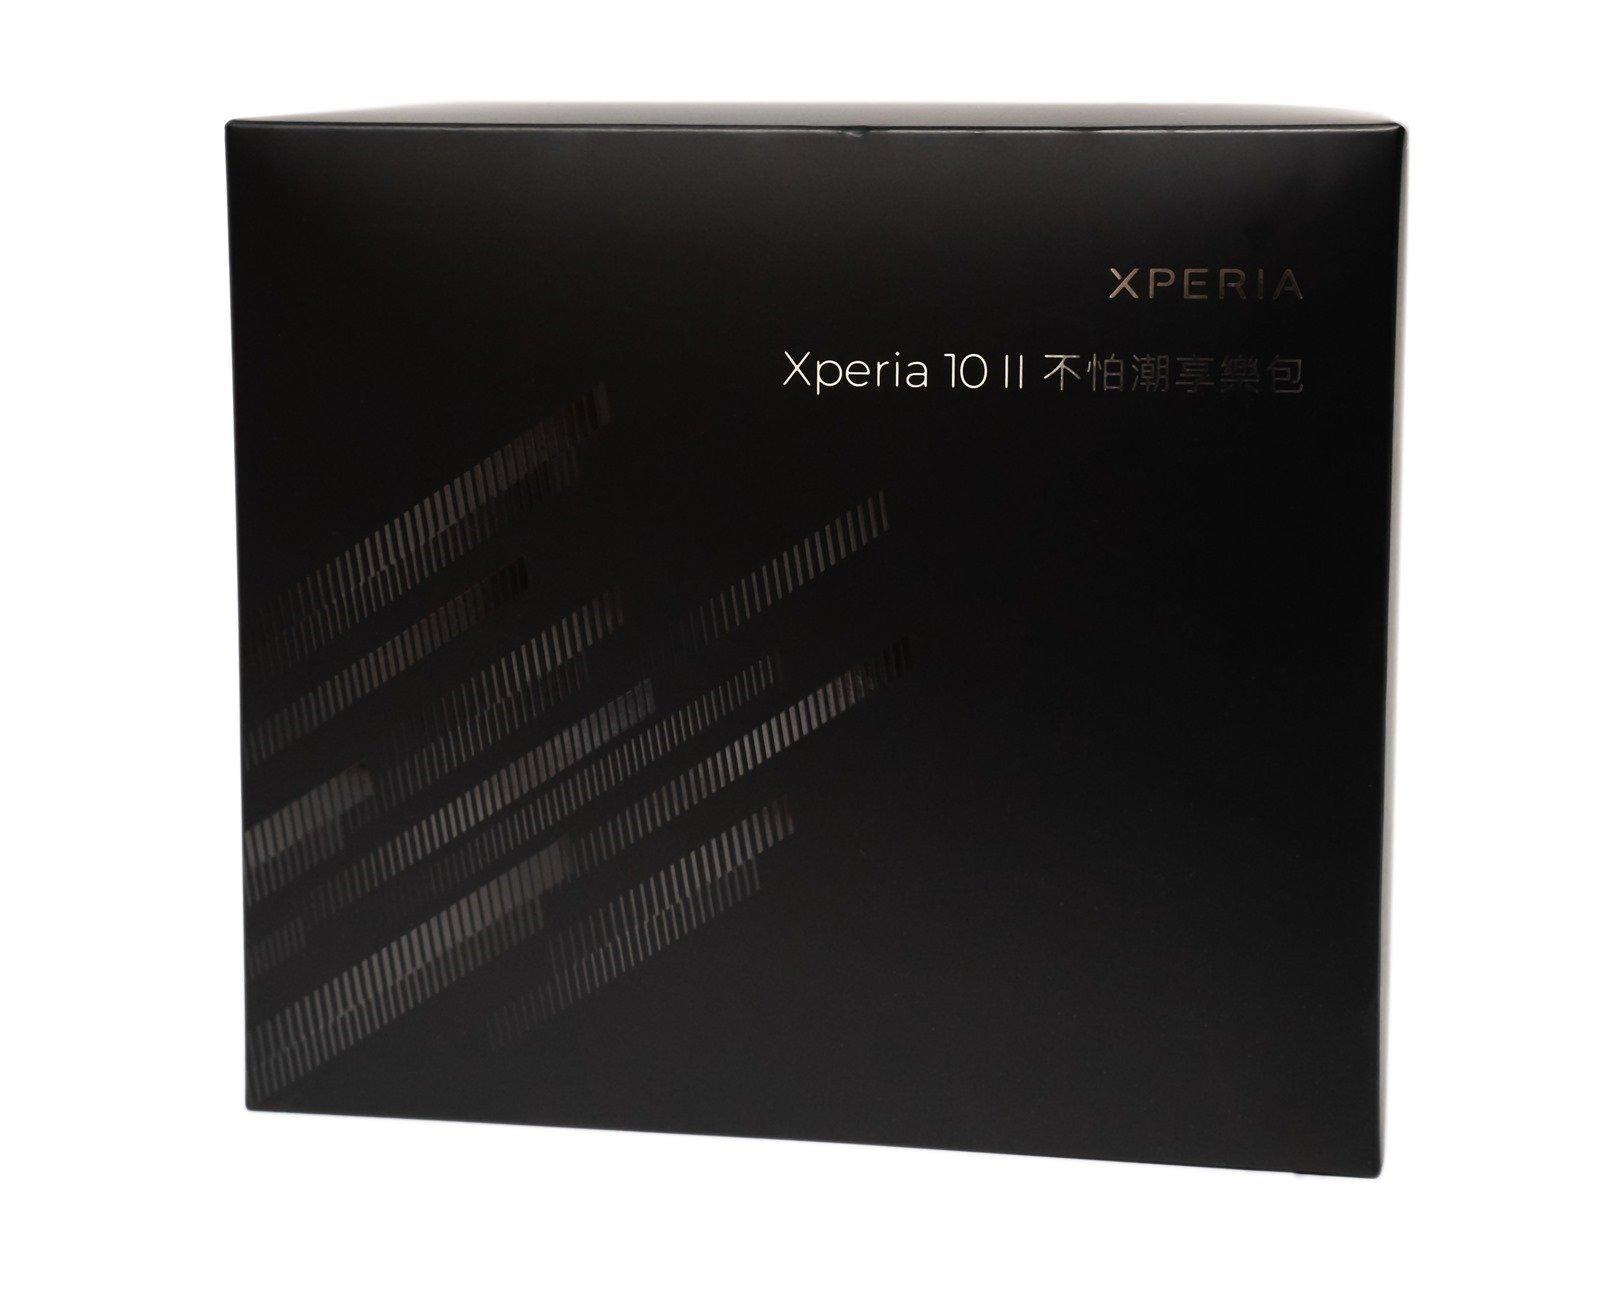 Sony Xperia 10 II 新機實測 (1) 中階防水生力軍開箱動手玩!還有首購禮不怕潮享樂一起看! @3C 達人廖阿輝